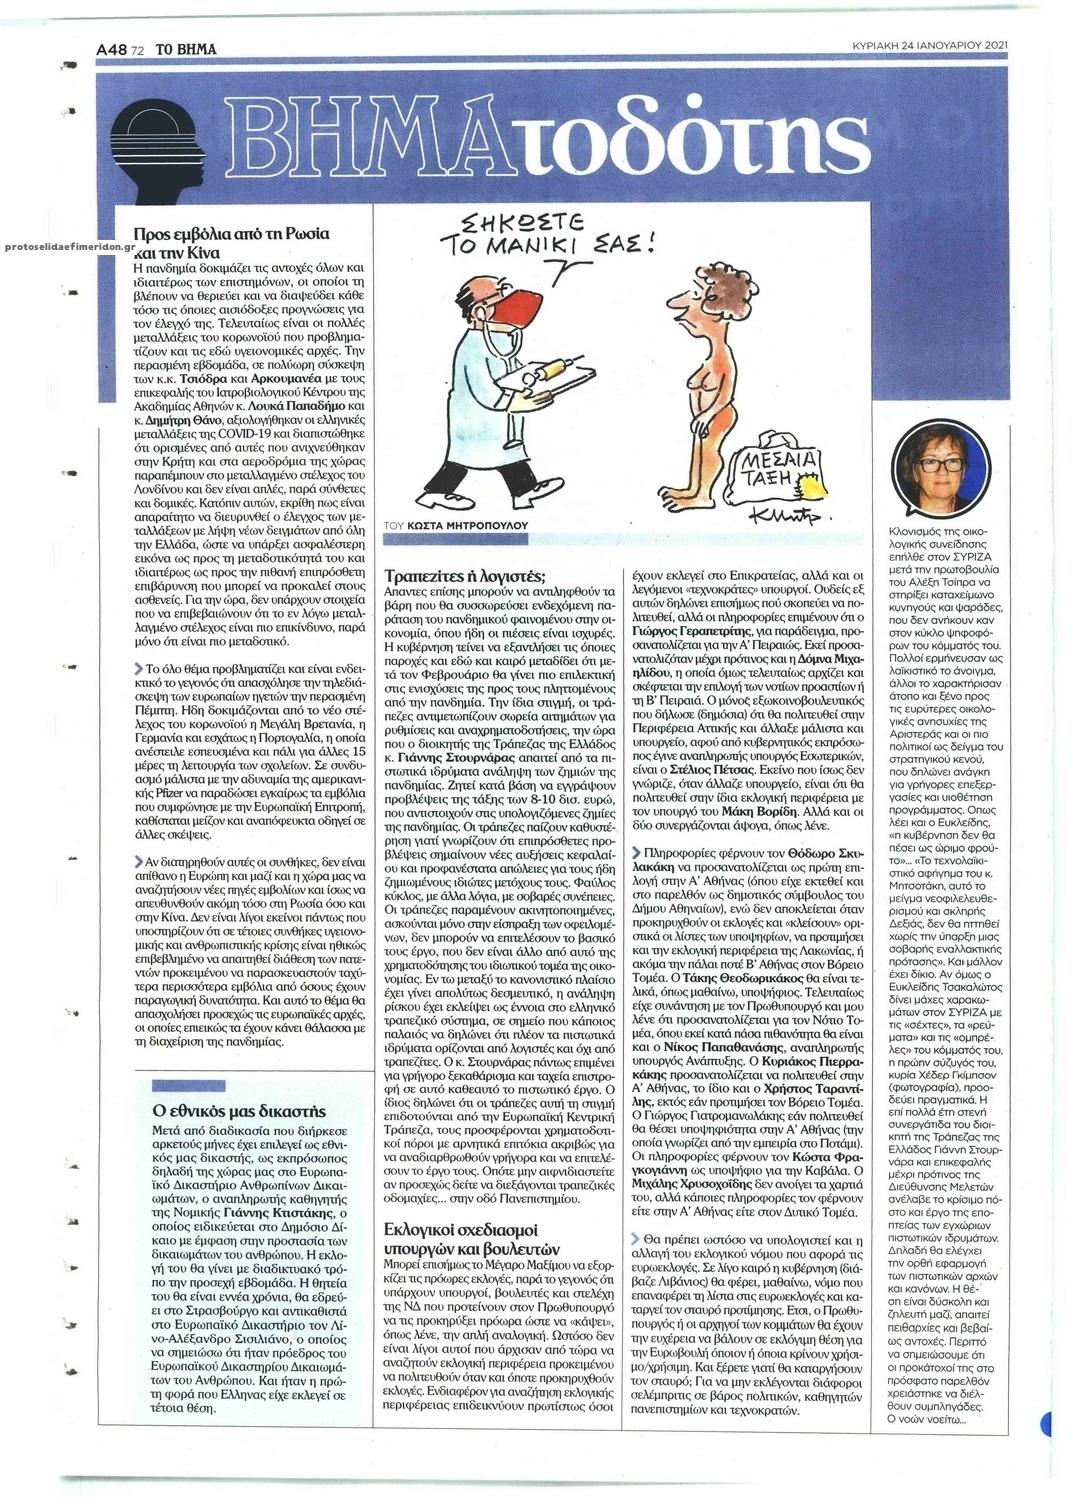 Οπισθόφυλλο εφημερίδας Το Βήμα